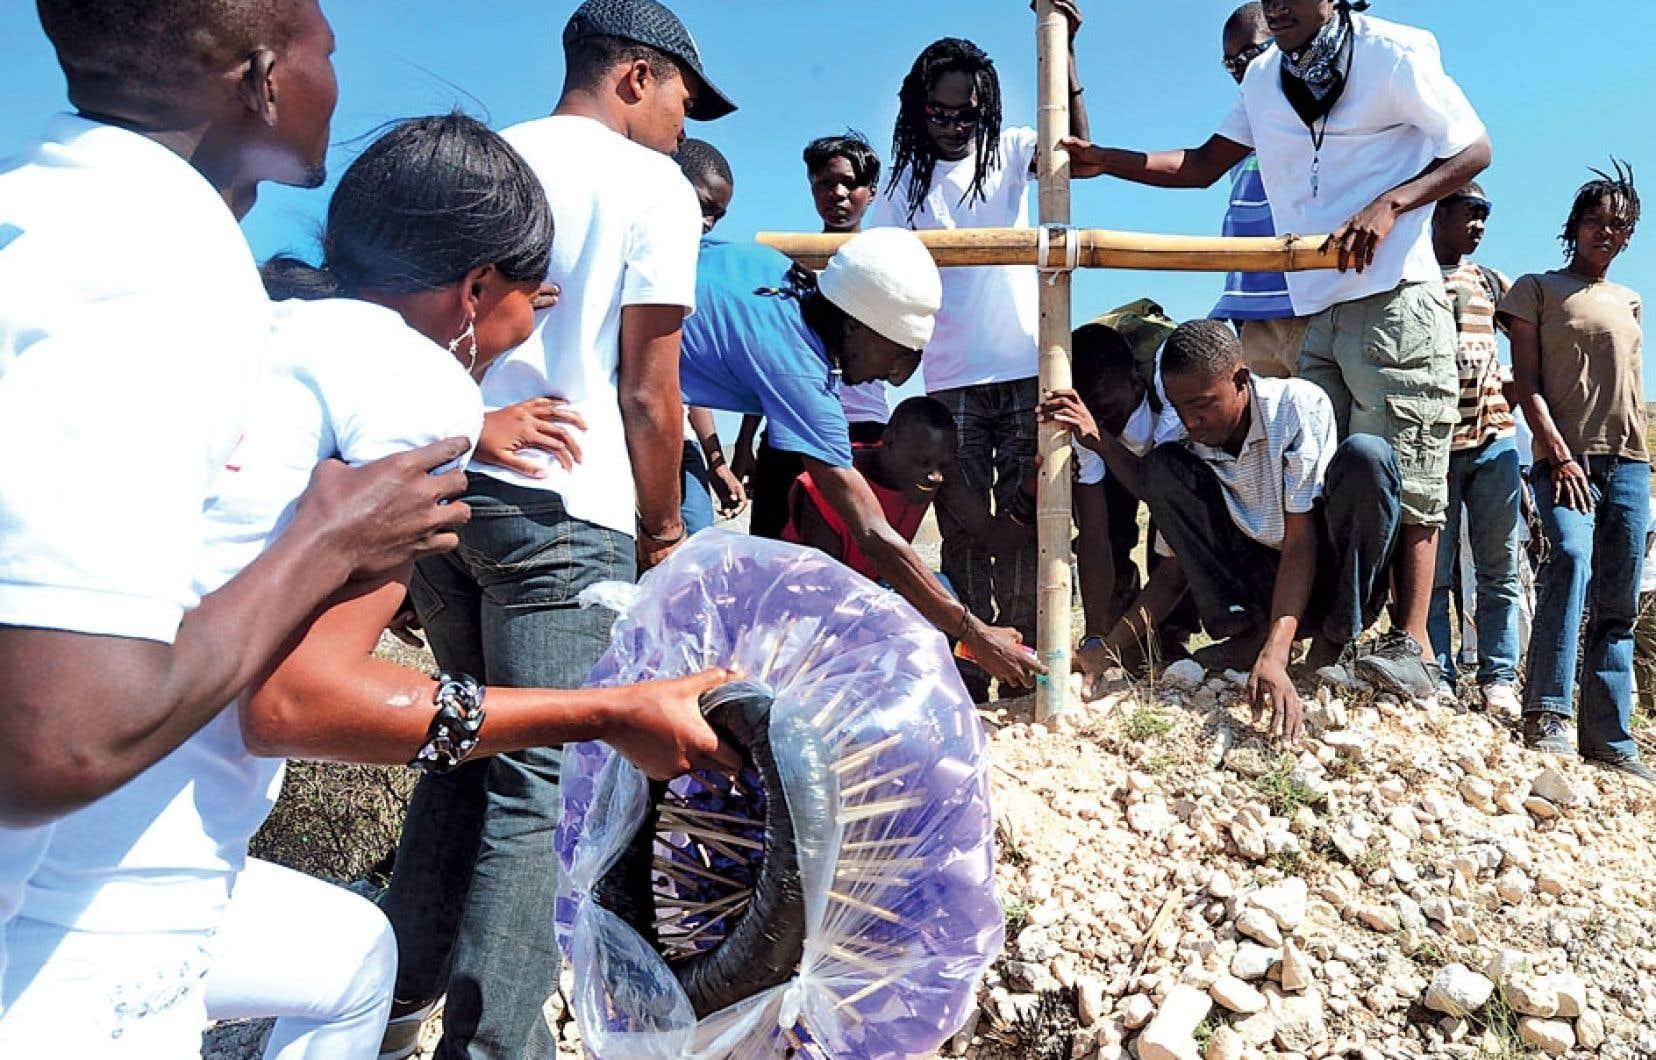 Des Haïtiens ont planté une croix au sommet d'une colline, à Titanyen, en souvenir des victimes du tremblement de terre du 12 janvier 2010.